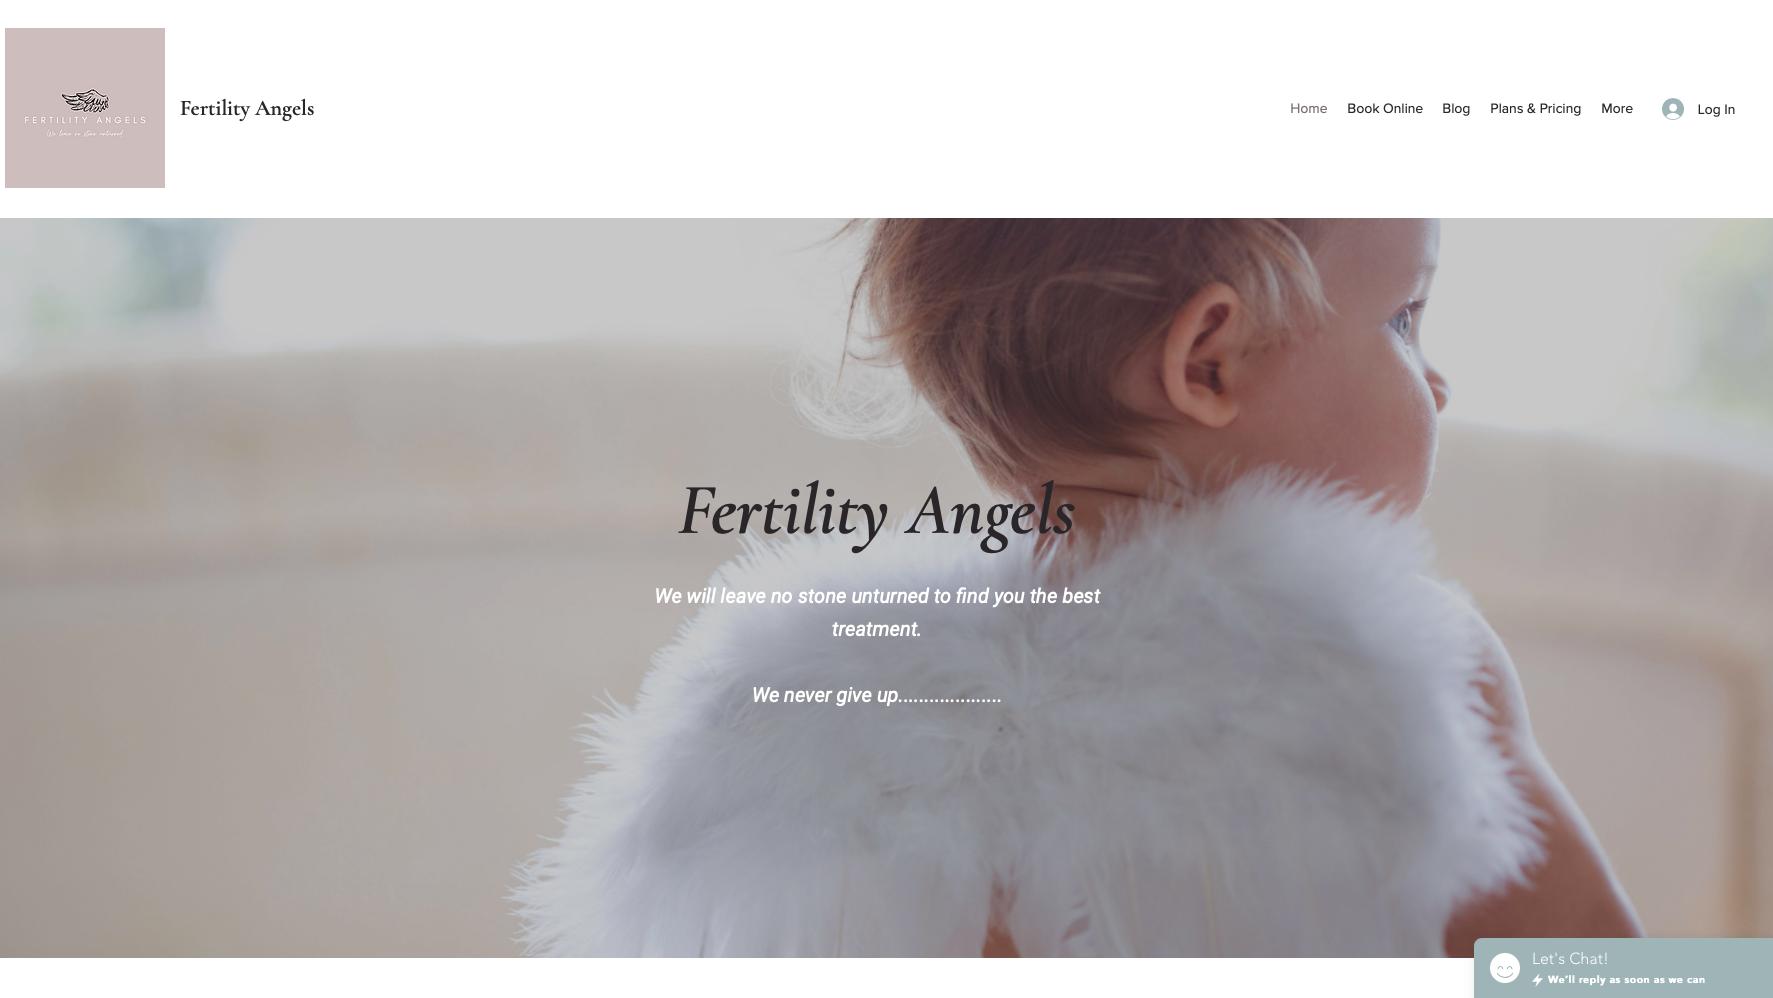 Fertility Angels